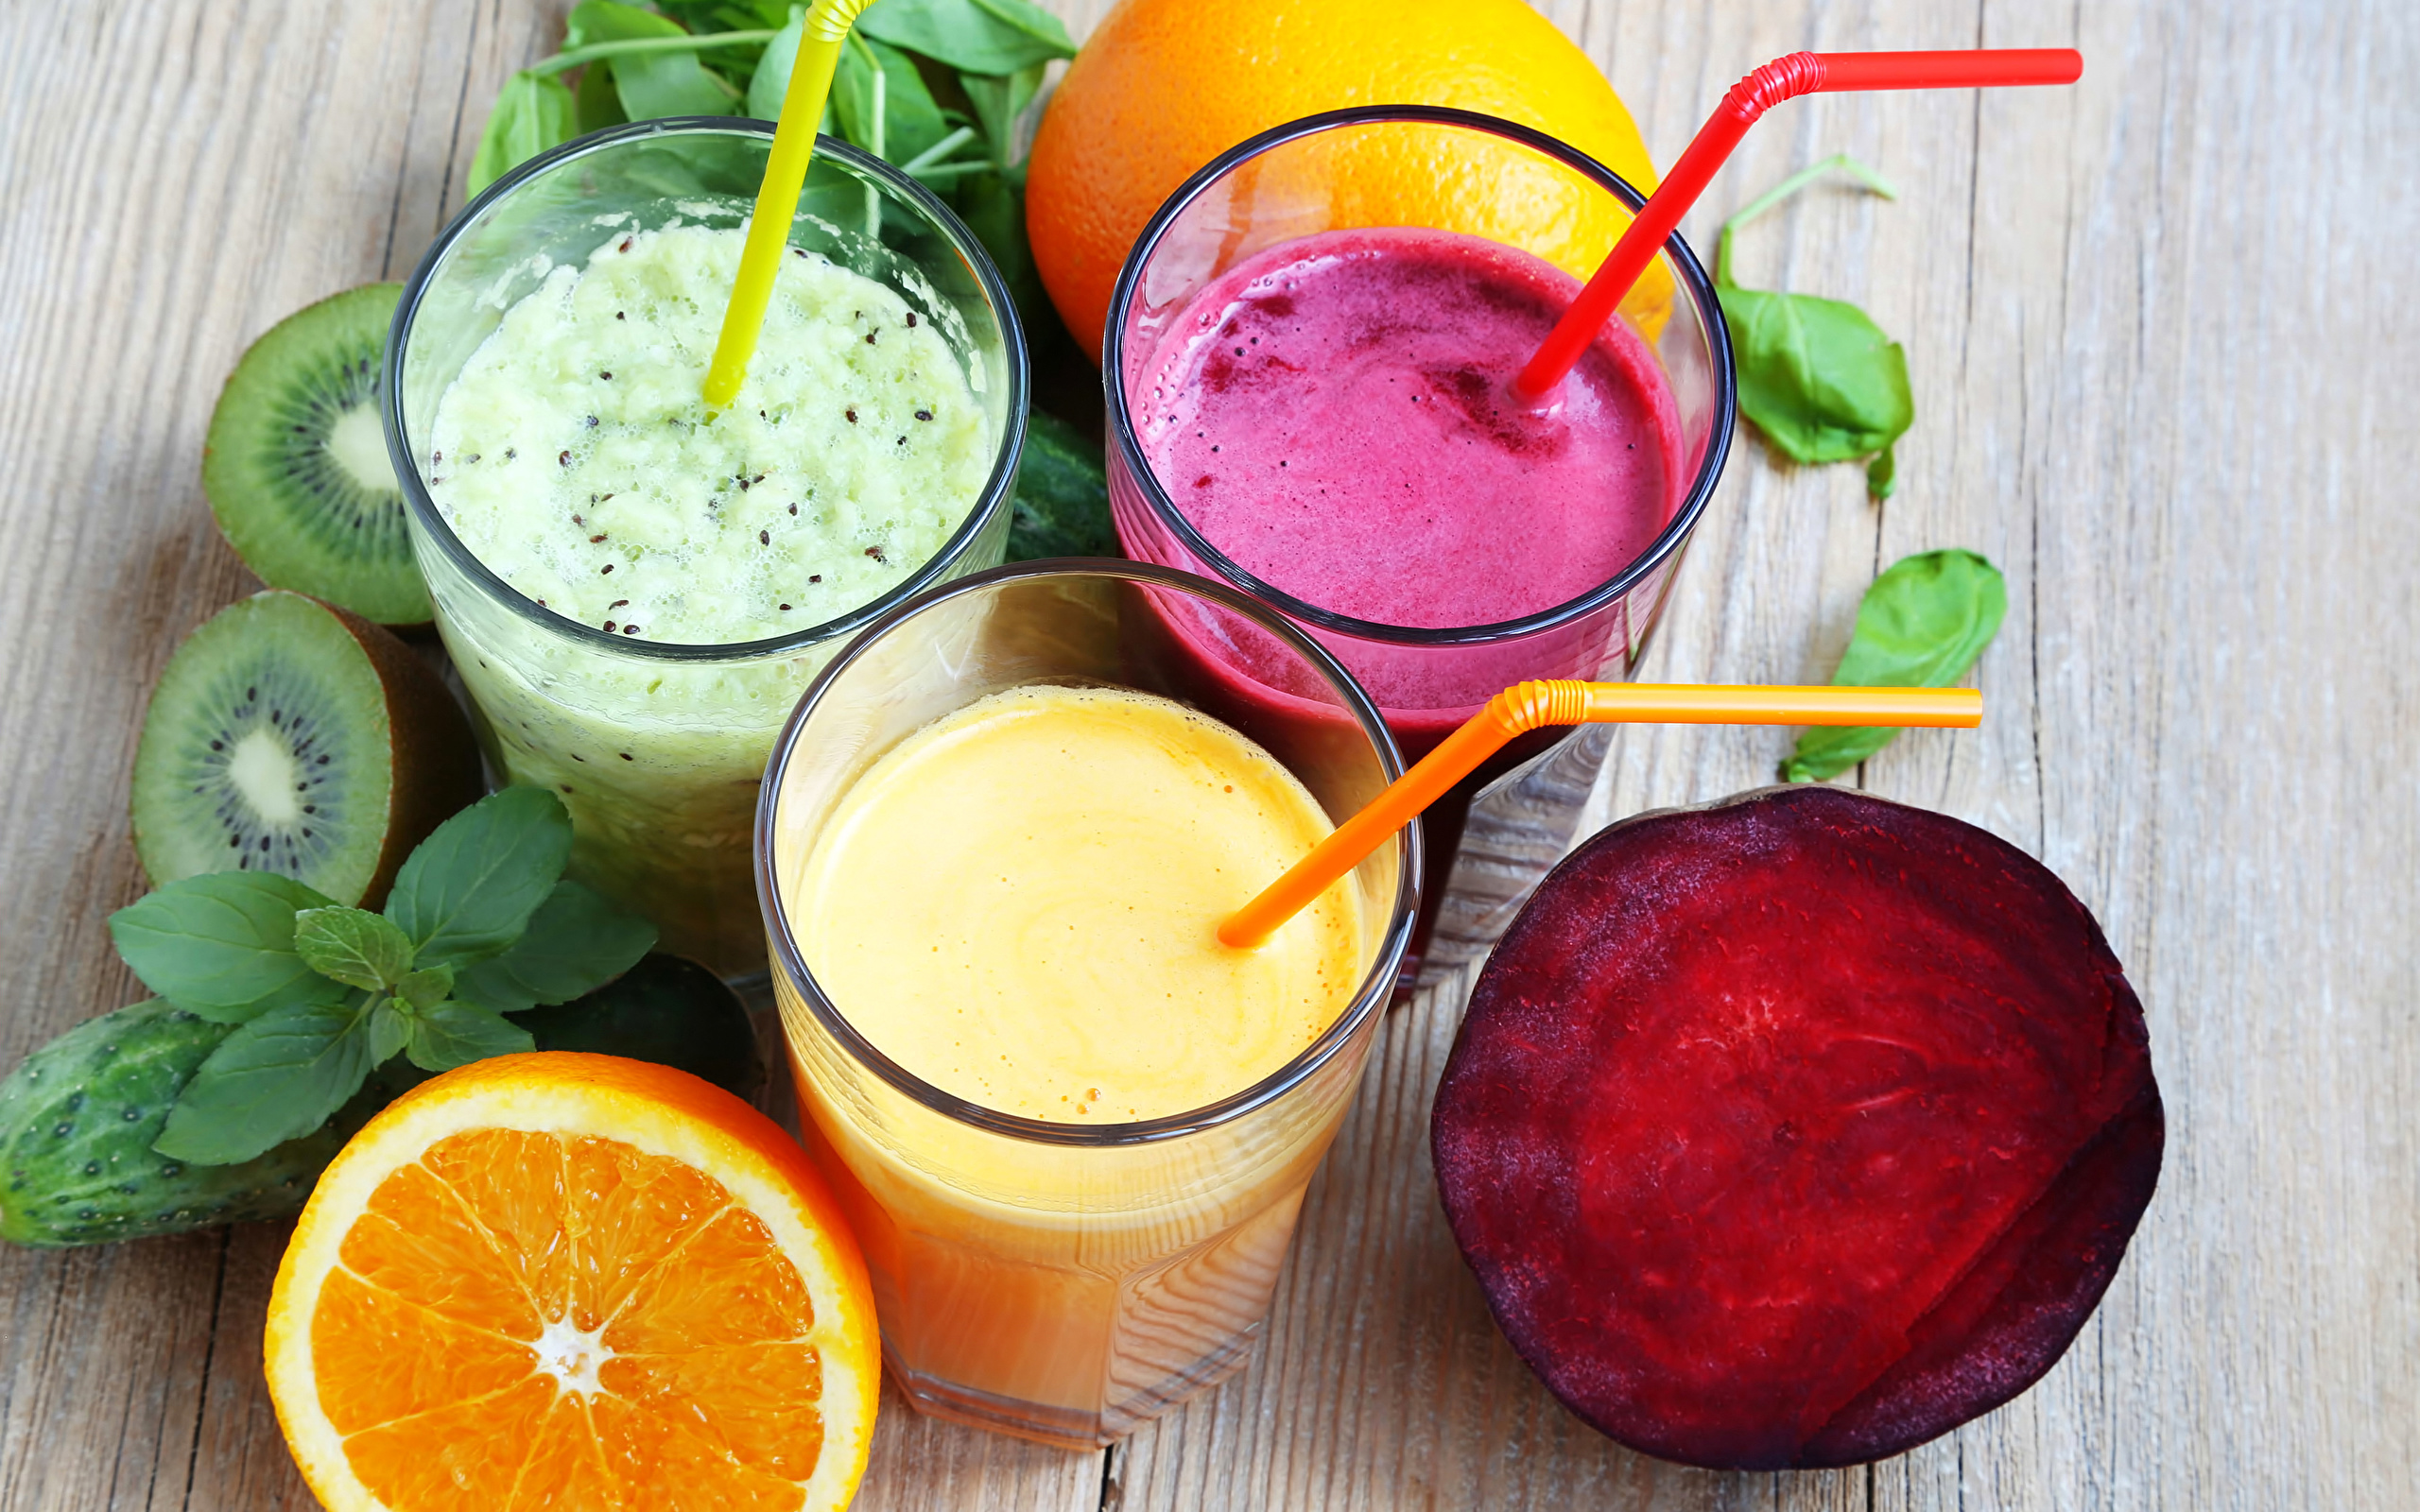 Смузи, что это такое — полезные свойства и противопоказания для организма, рецепты приготовления коктейлей жизни